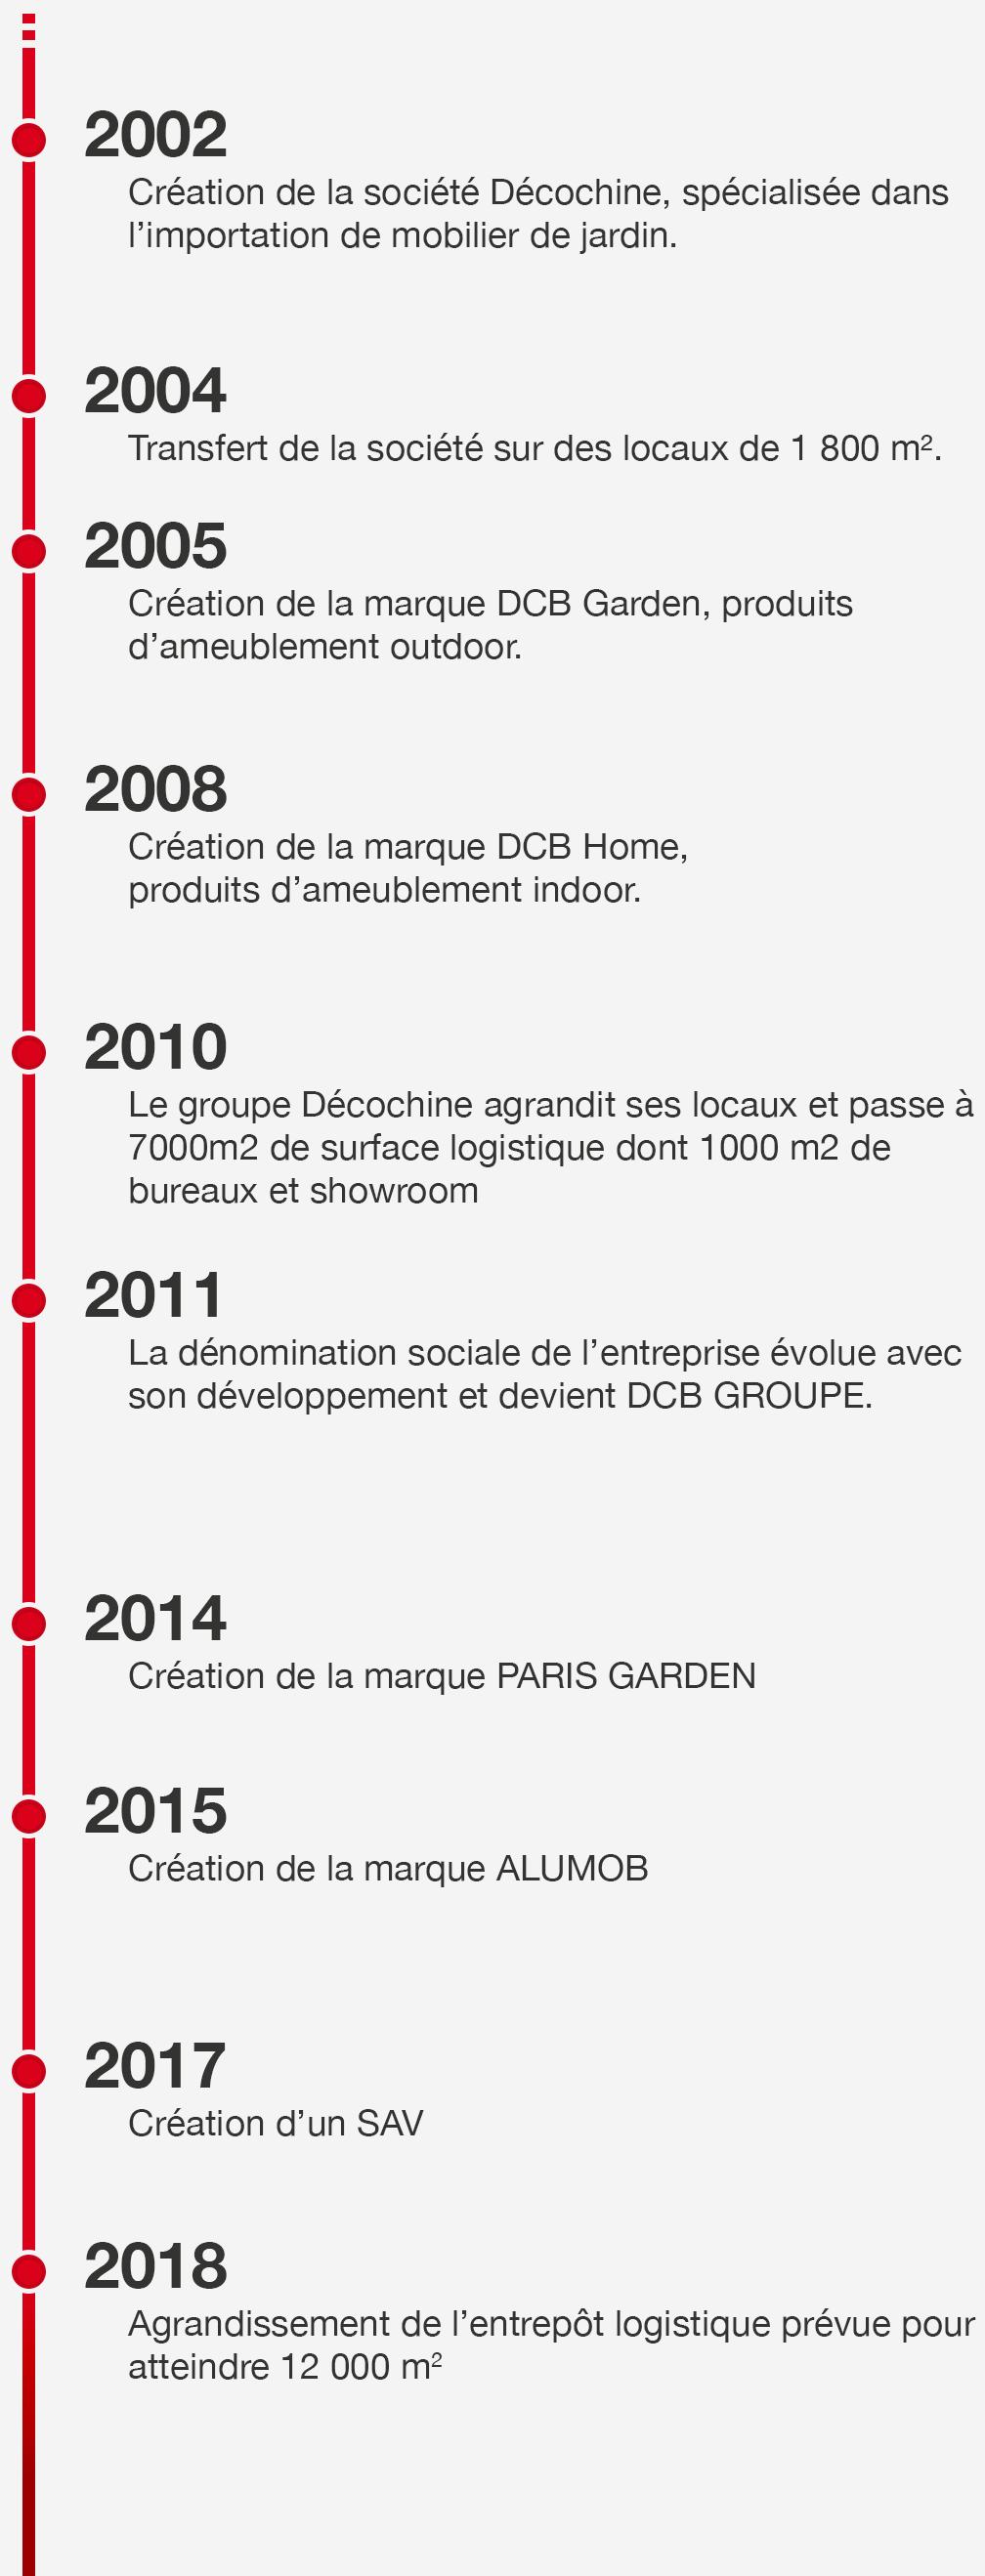 Historique de DCB Groupe